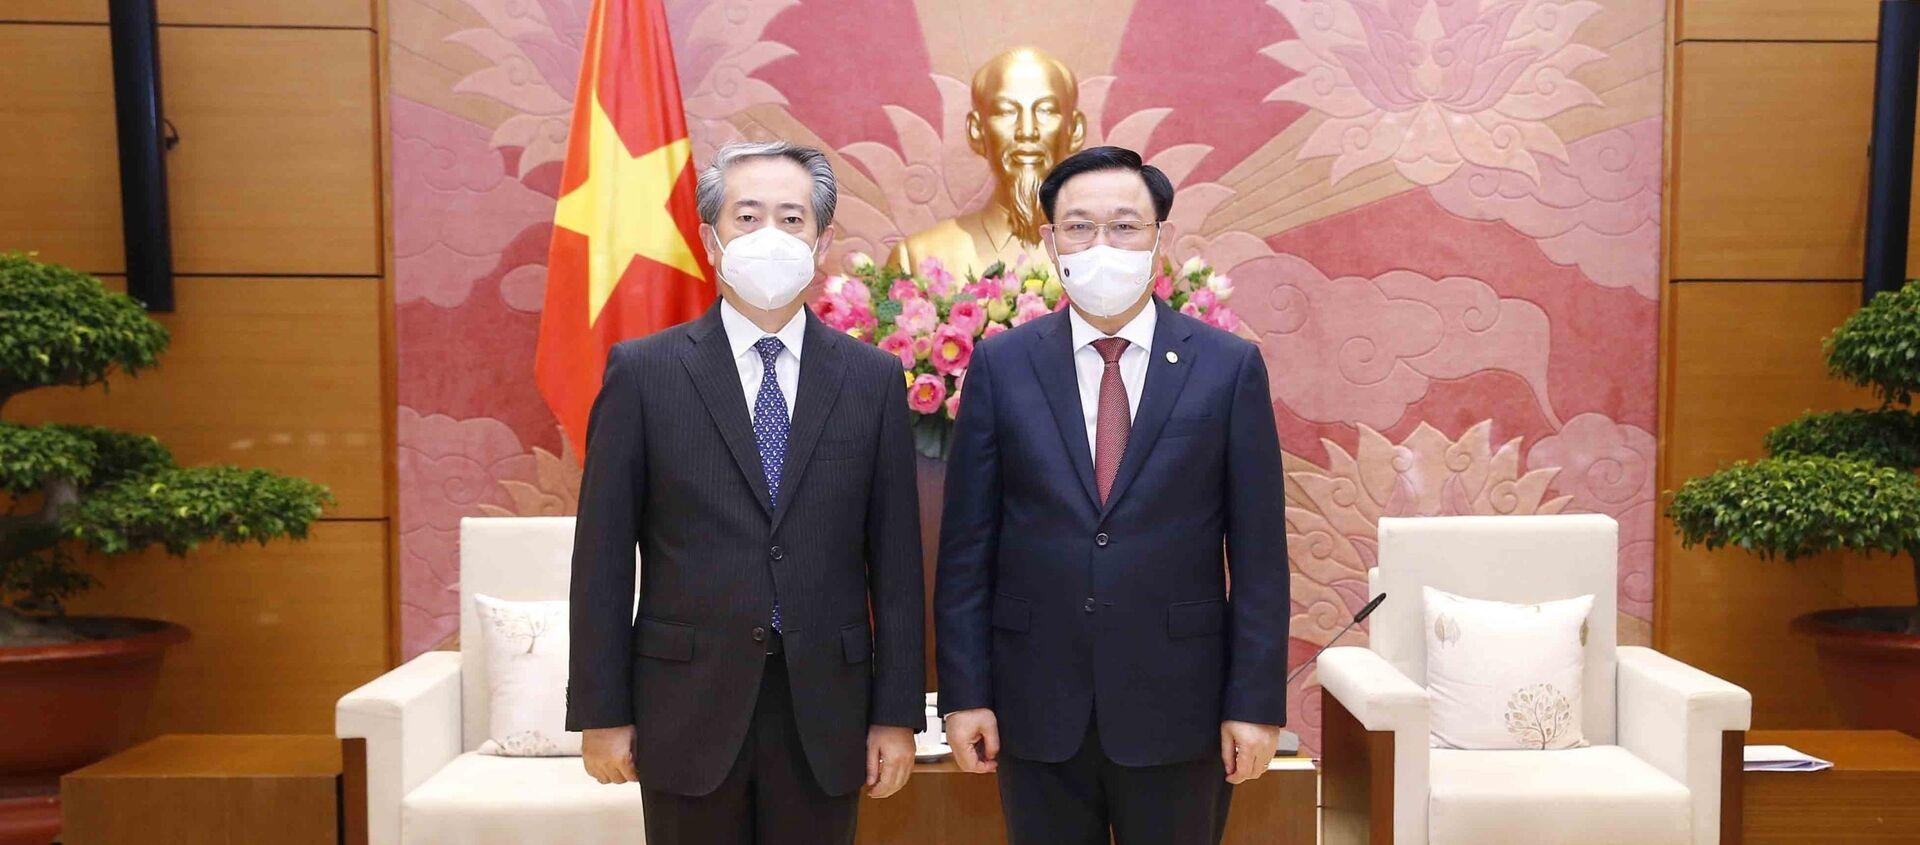 Chủ tịch Quốc hội Vương Đình Huệ tiếp Đại sứ Trung Quốc tại Việt Nam - Sputnik Việt Nam, 1920, 21.05.2021